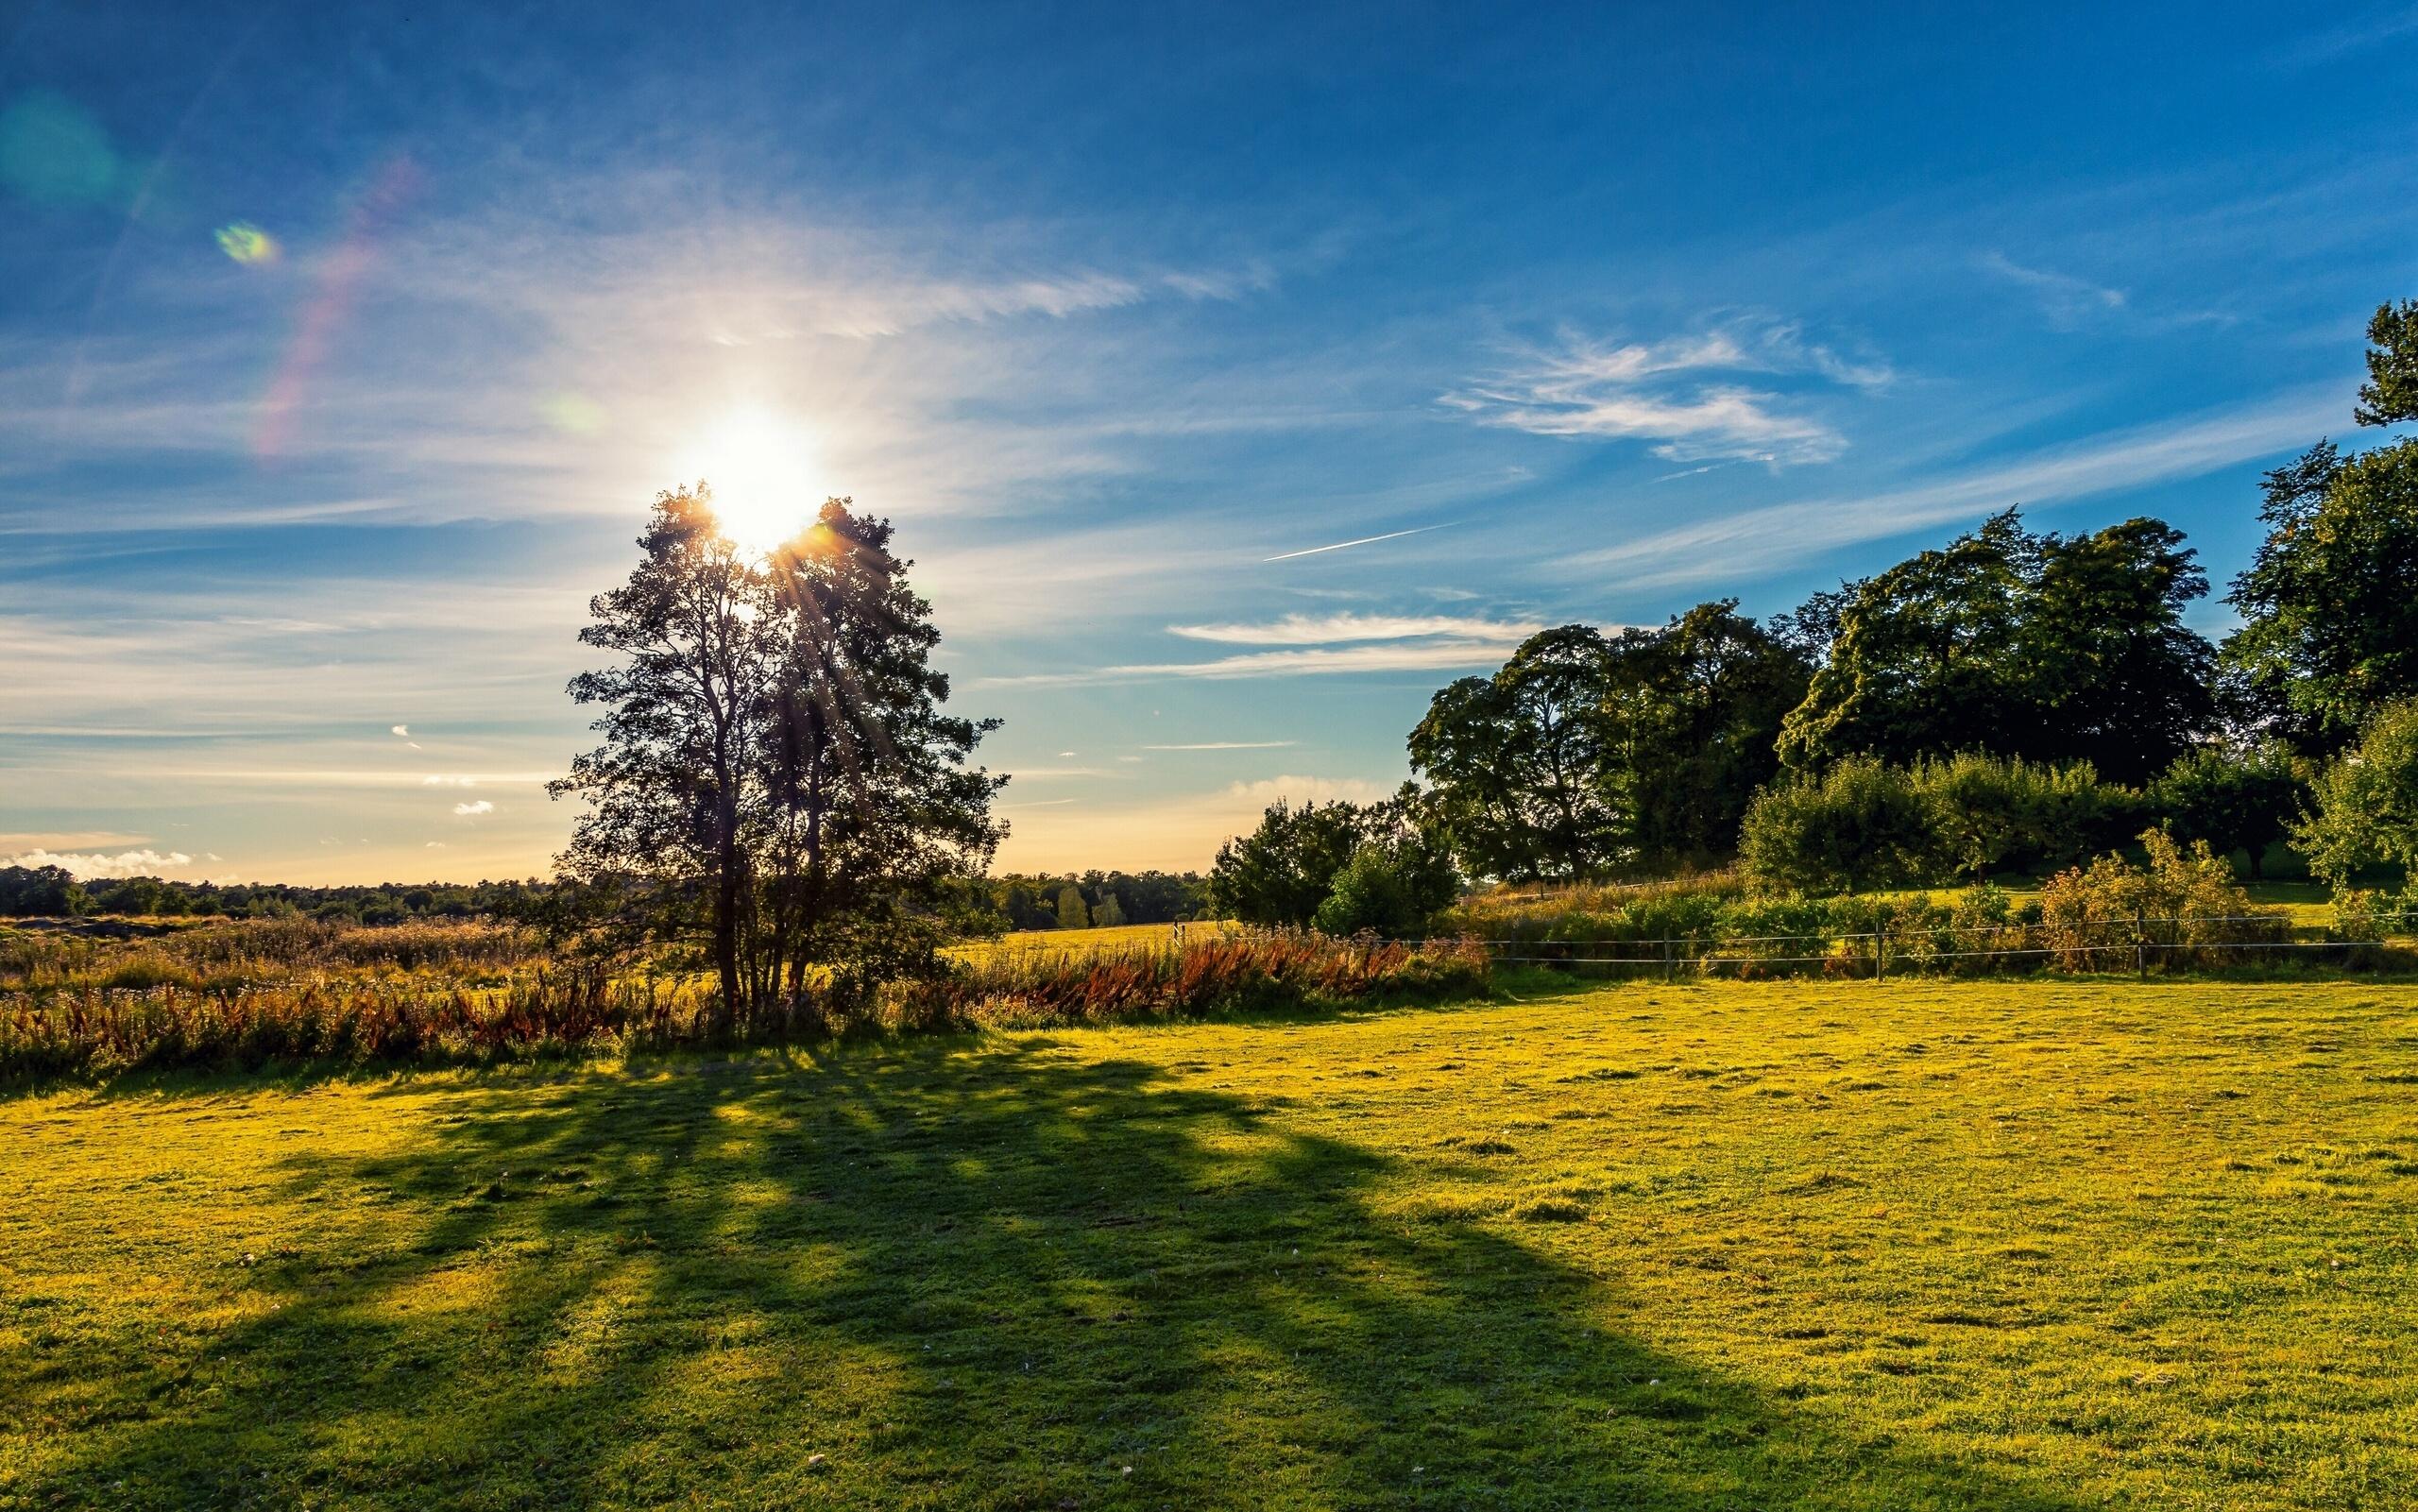 солнце лужайка березы  № 2741899 загрузить